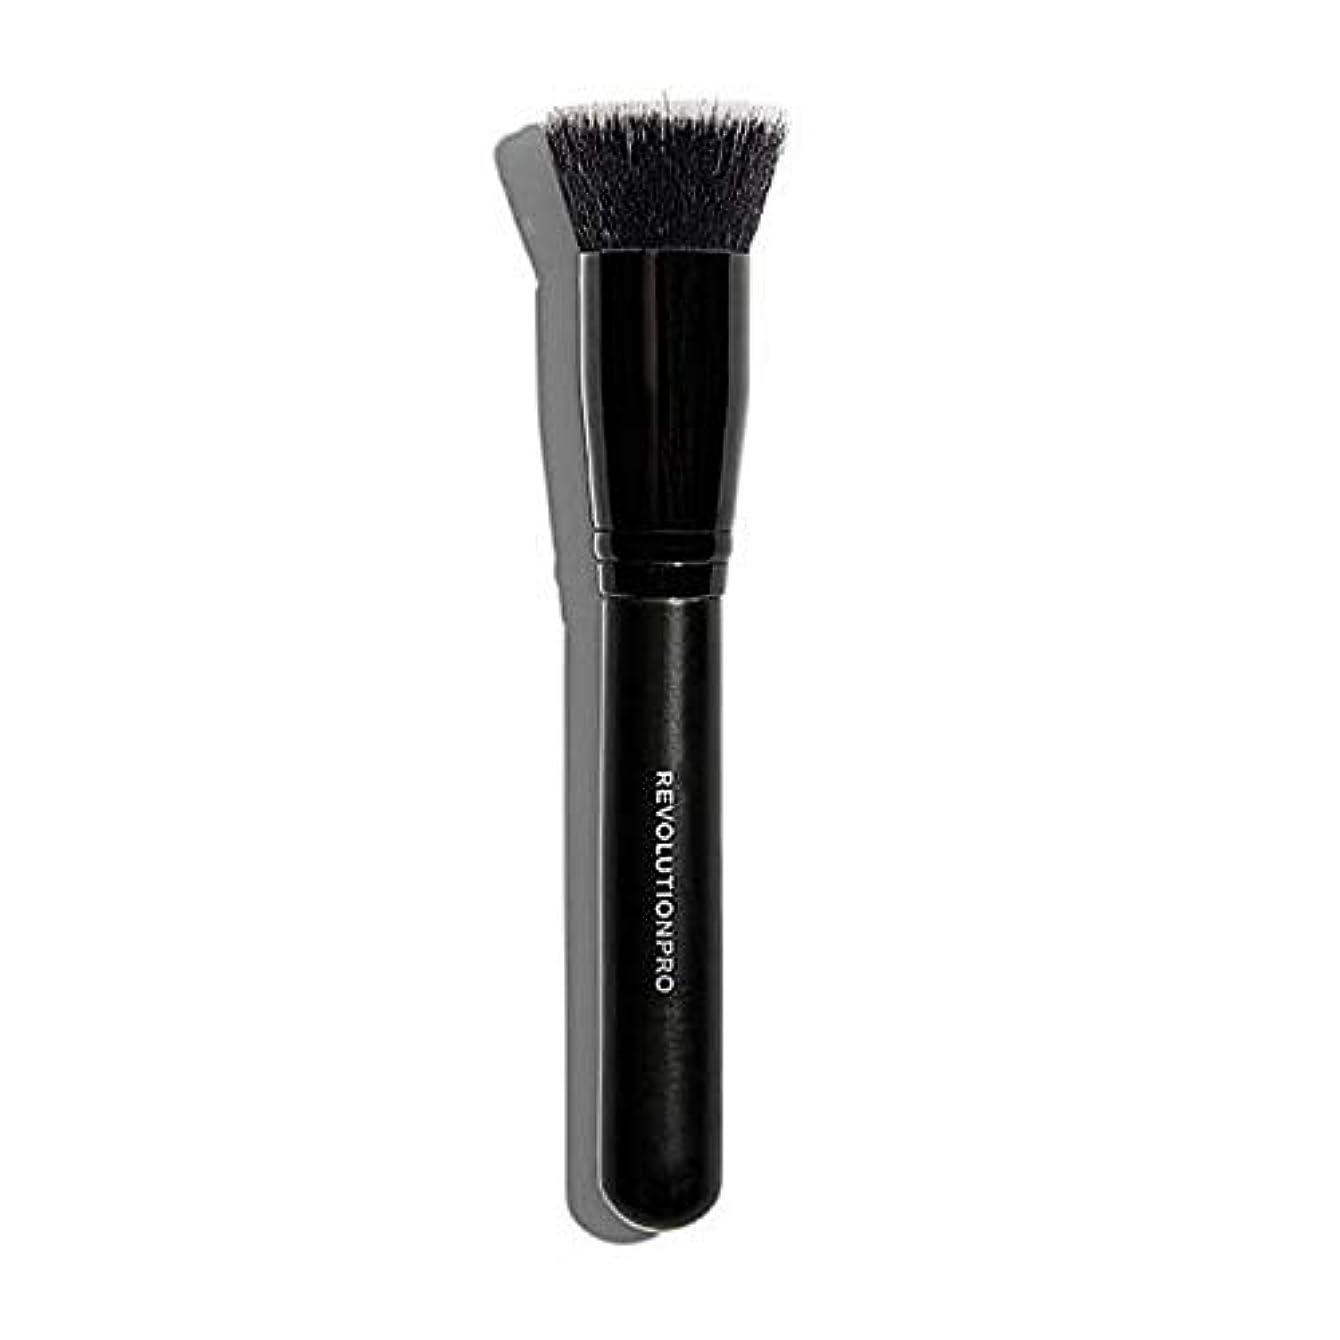 ペンダントボット着陸[Revolution ] 革命プロの液滴の基礎化粧ブラシ - Revolution Pro Liquid Drop Foundation Makeup Brush [並行輸入品]